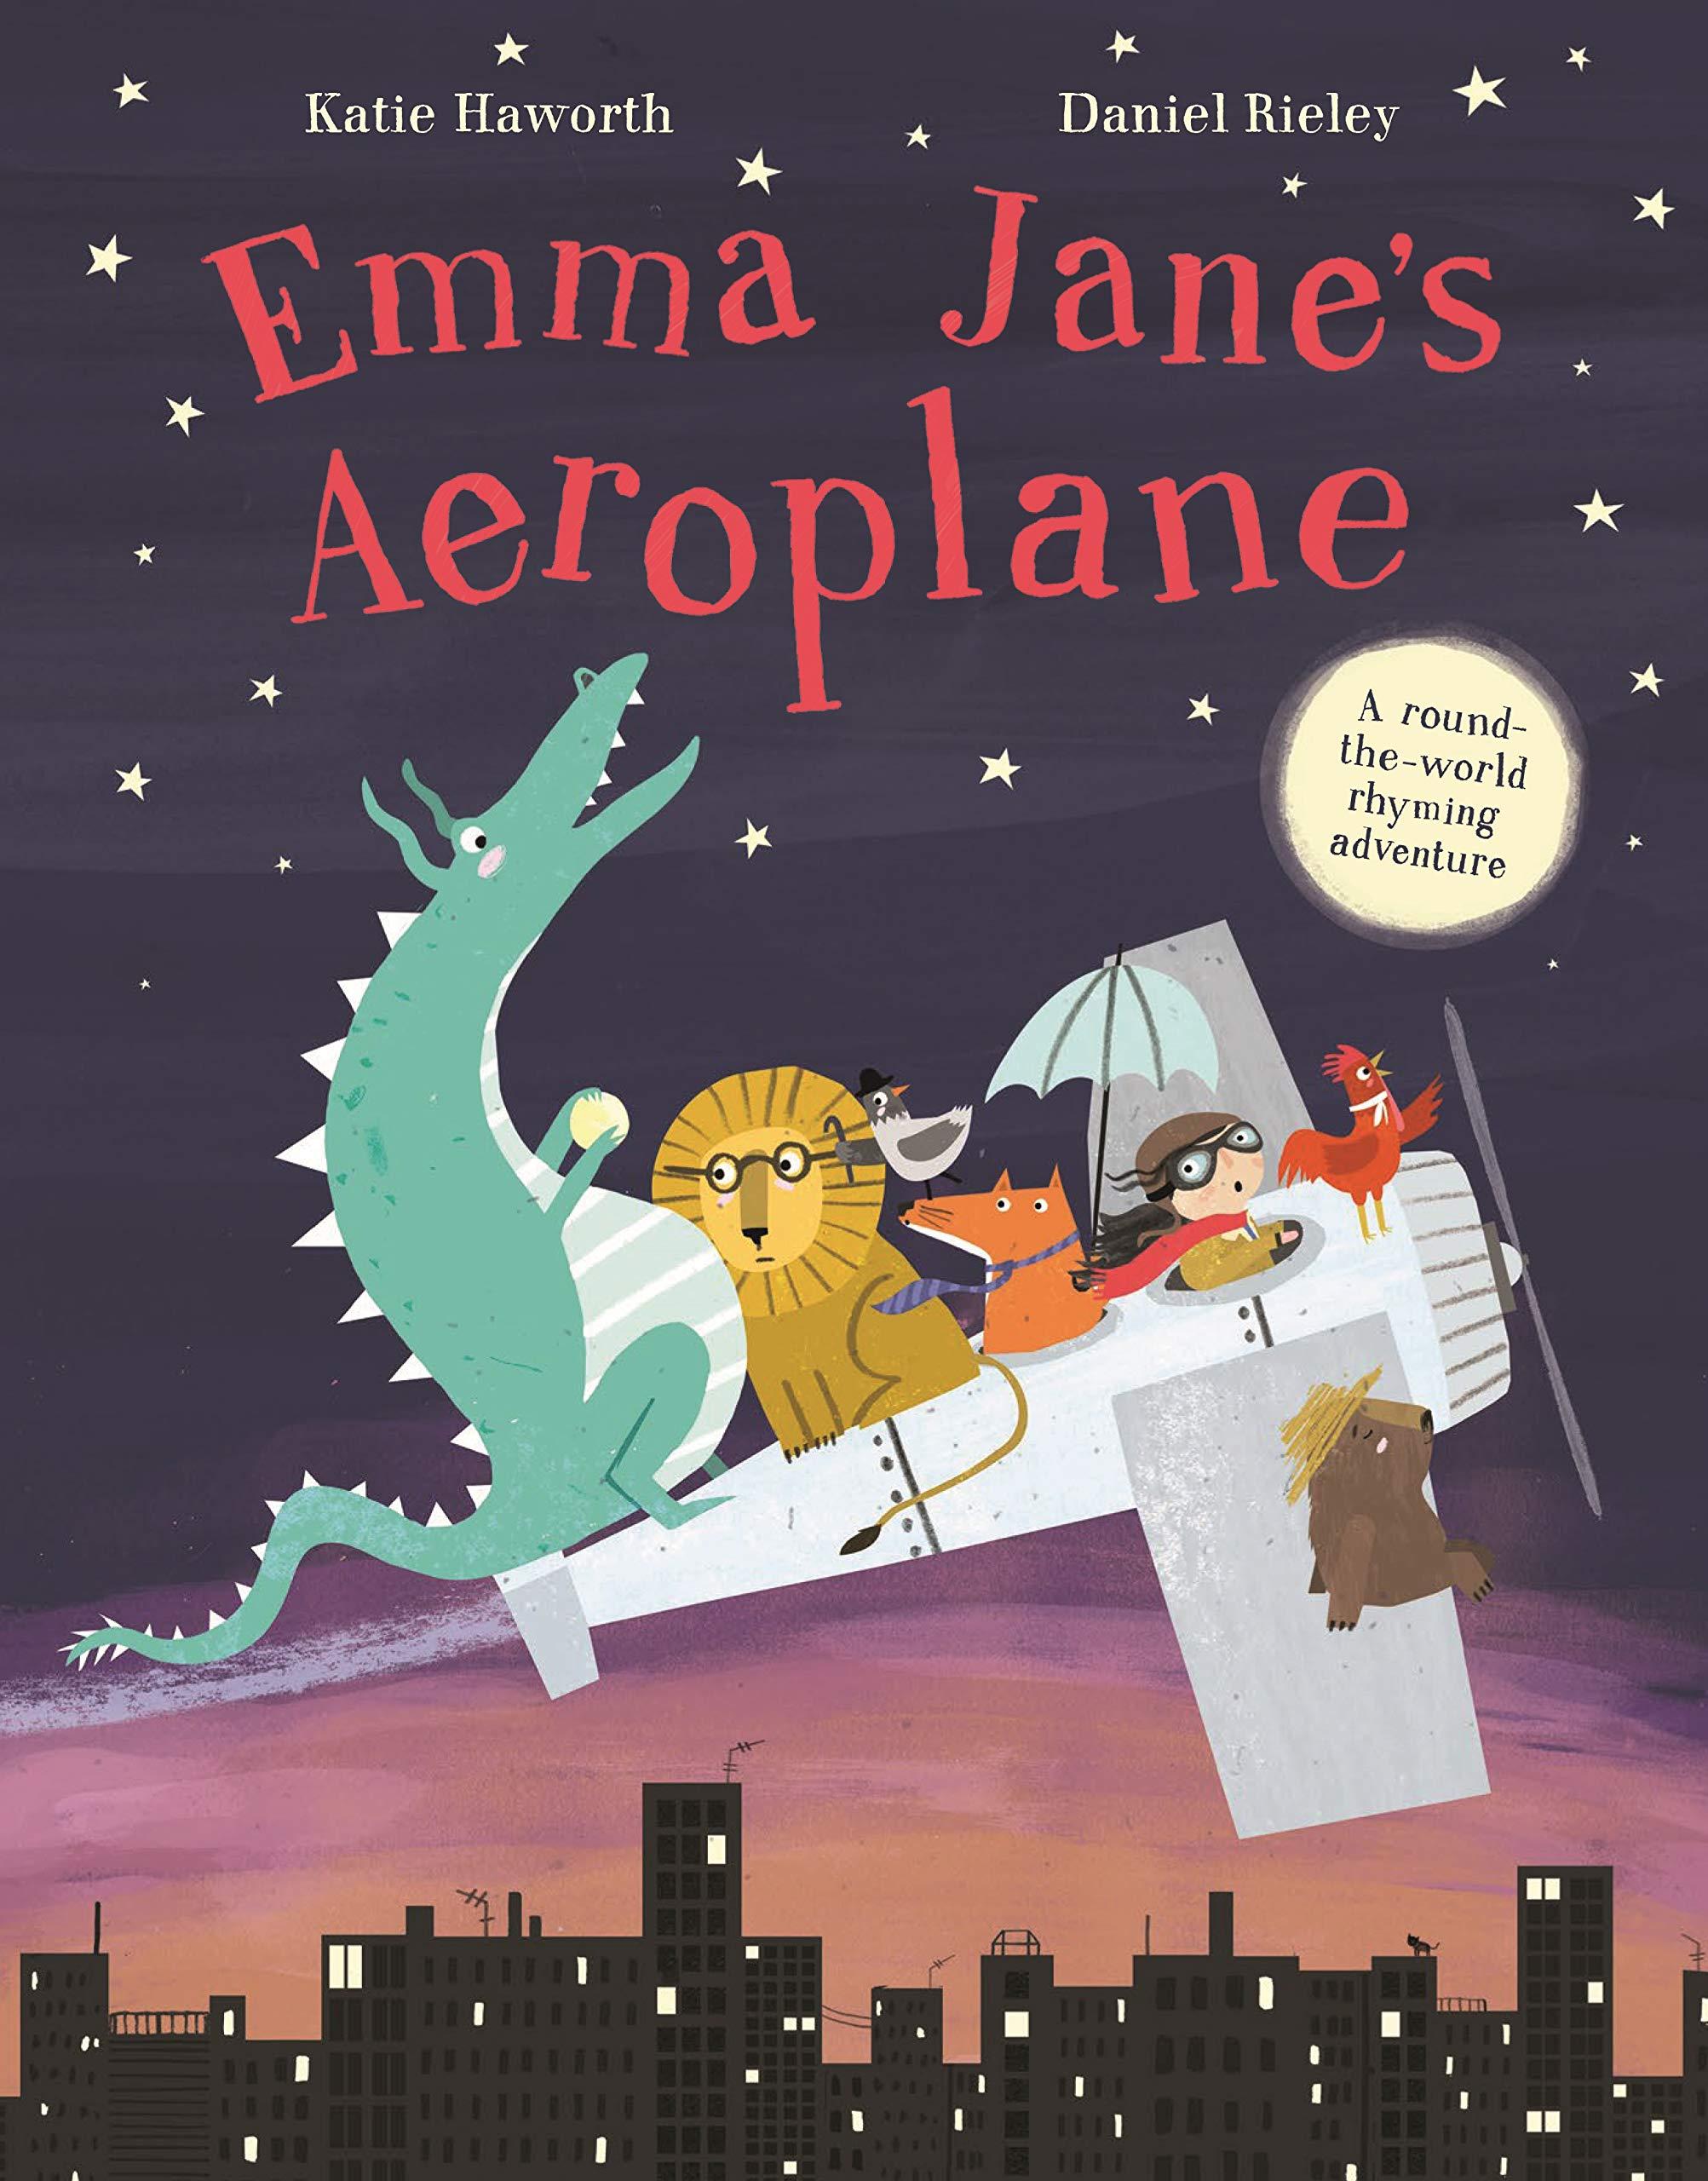 Emma Jane's Aeroplane: Amazon.co.uk: Haworth, Katie, Rieley, Daniel: 9781783708406: Books